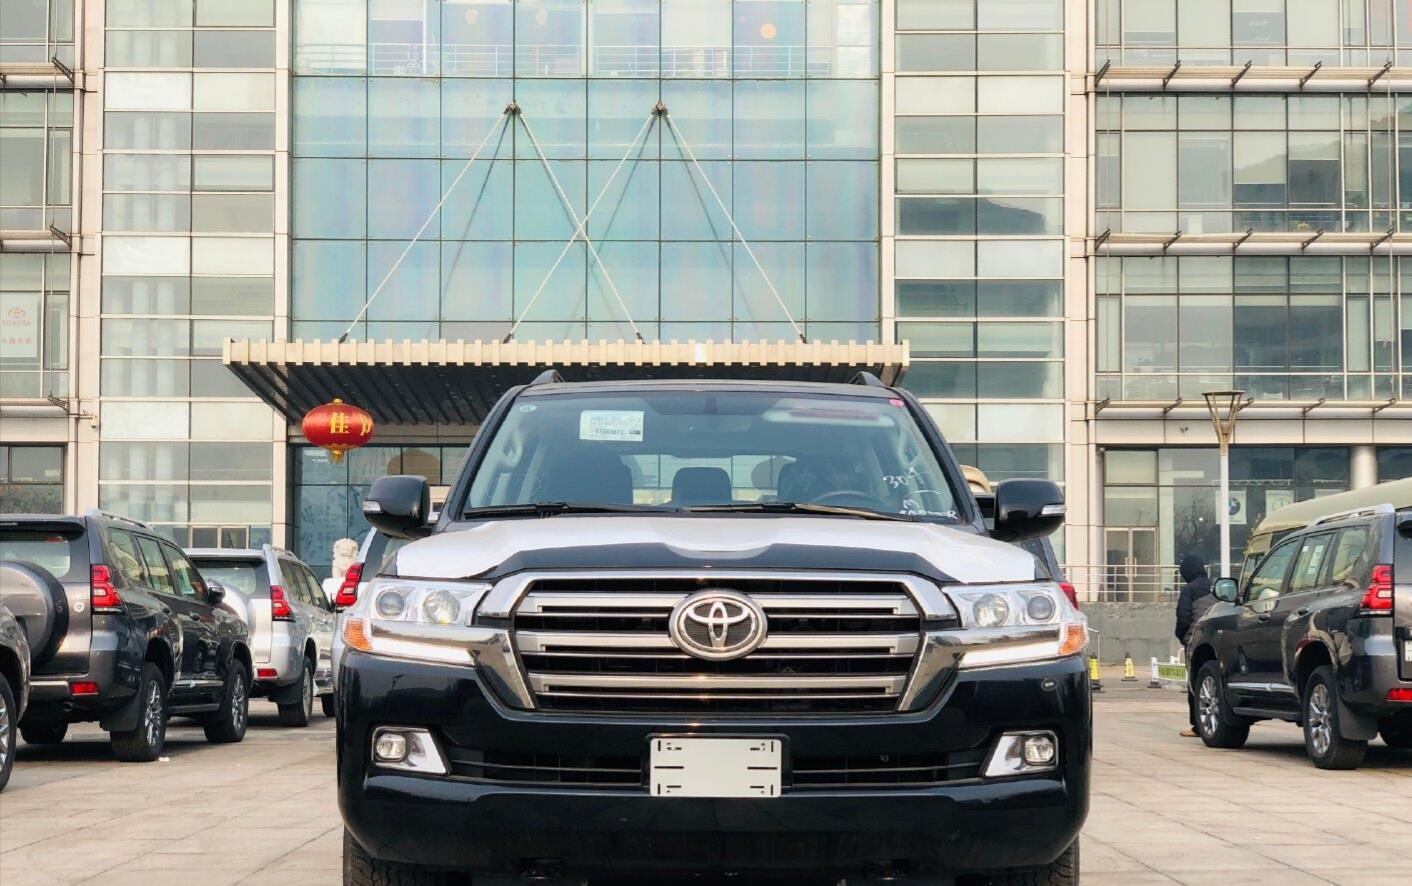 最便宜八缸豐田陸巡提車,落地66萬,尺寸不輸X5,空氣懸掛最給力-圖2